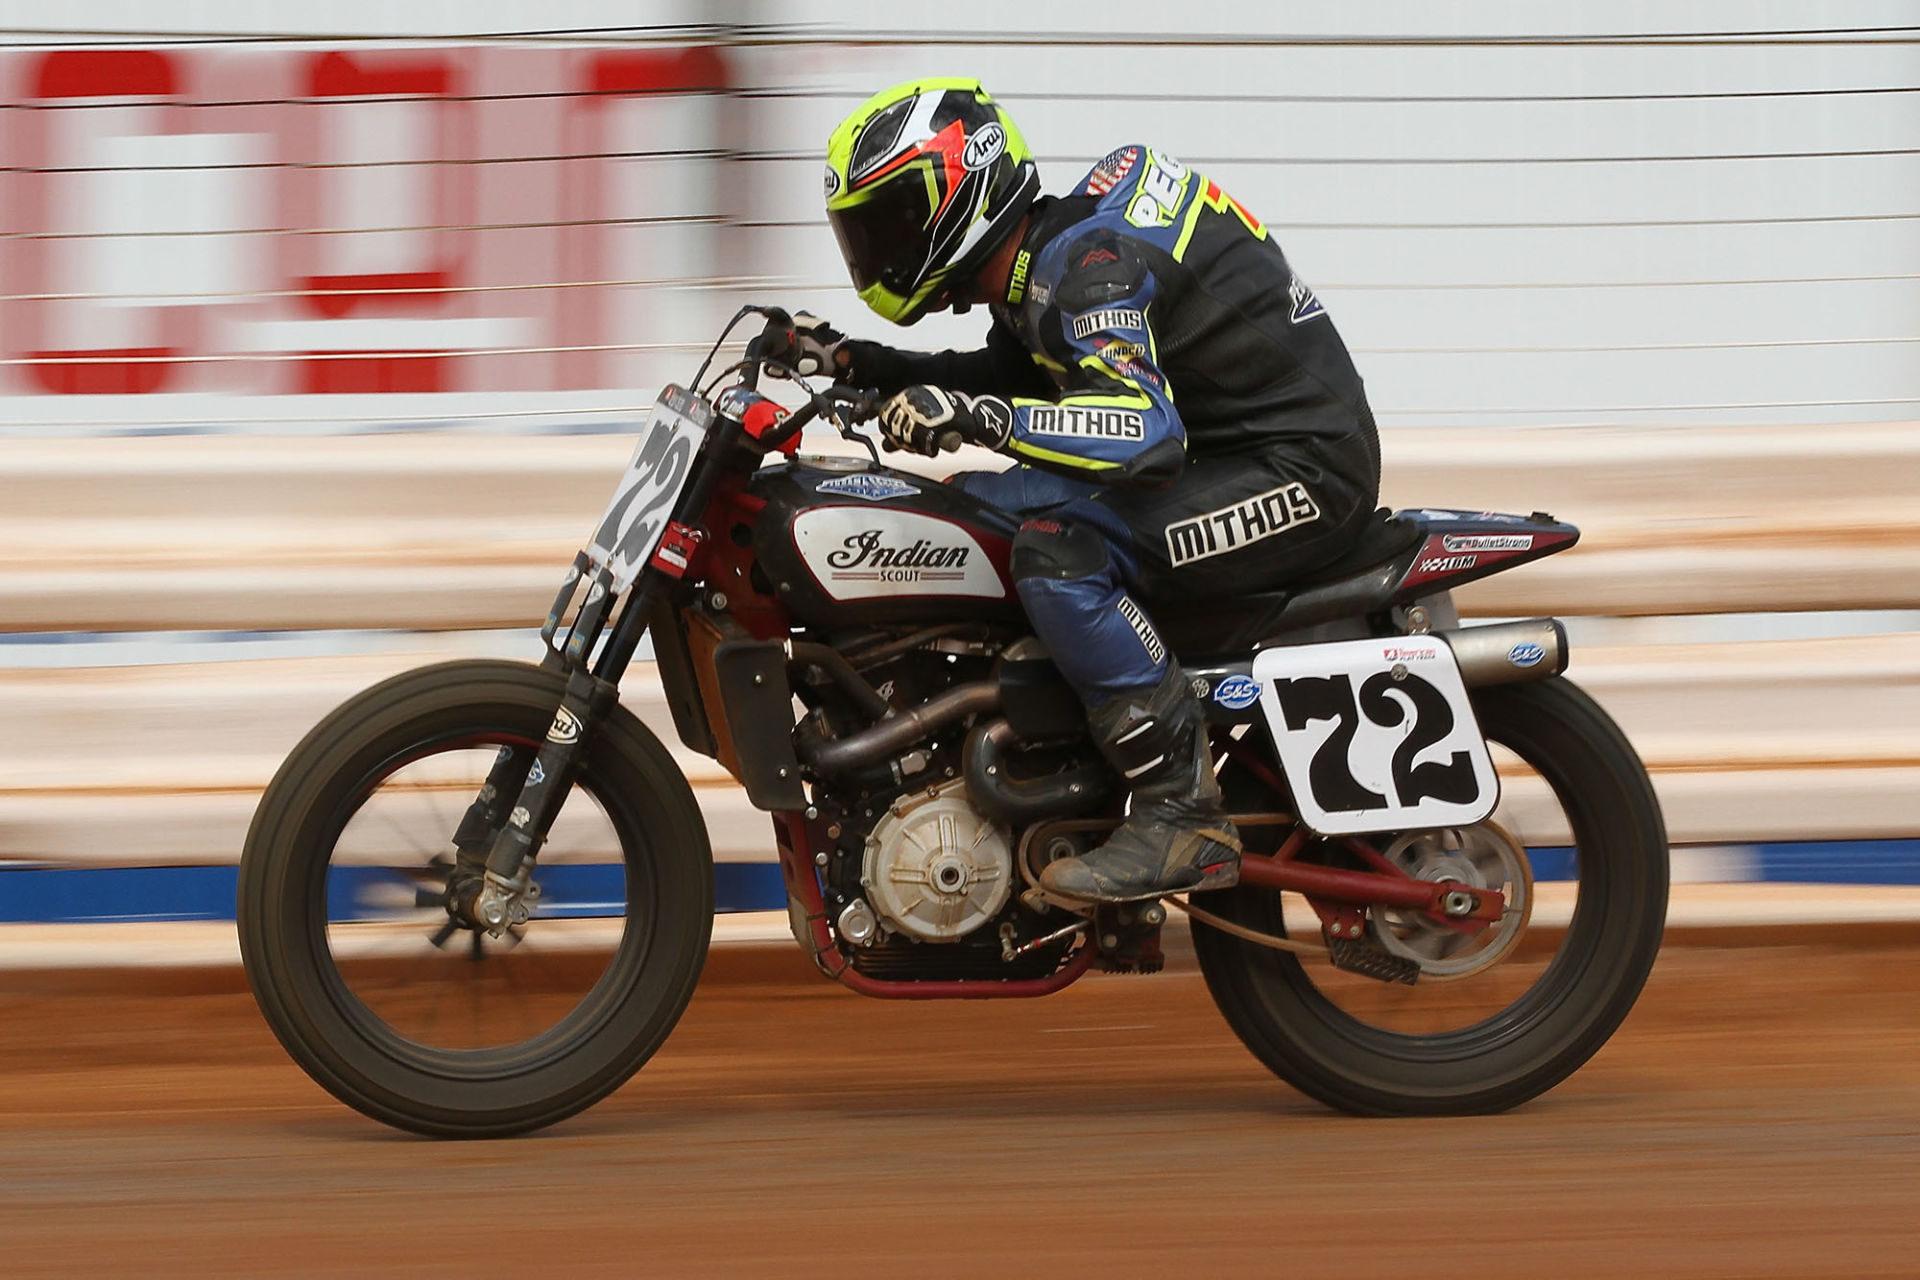 Mithos USA-sponsored AFT racer Larry Pegram (72). Photo by Thomas Stein, courtesy of Mithos USA.